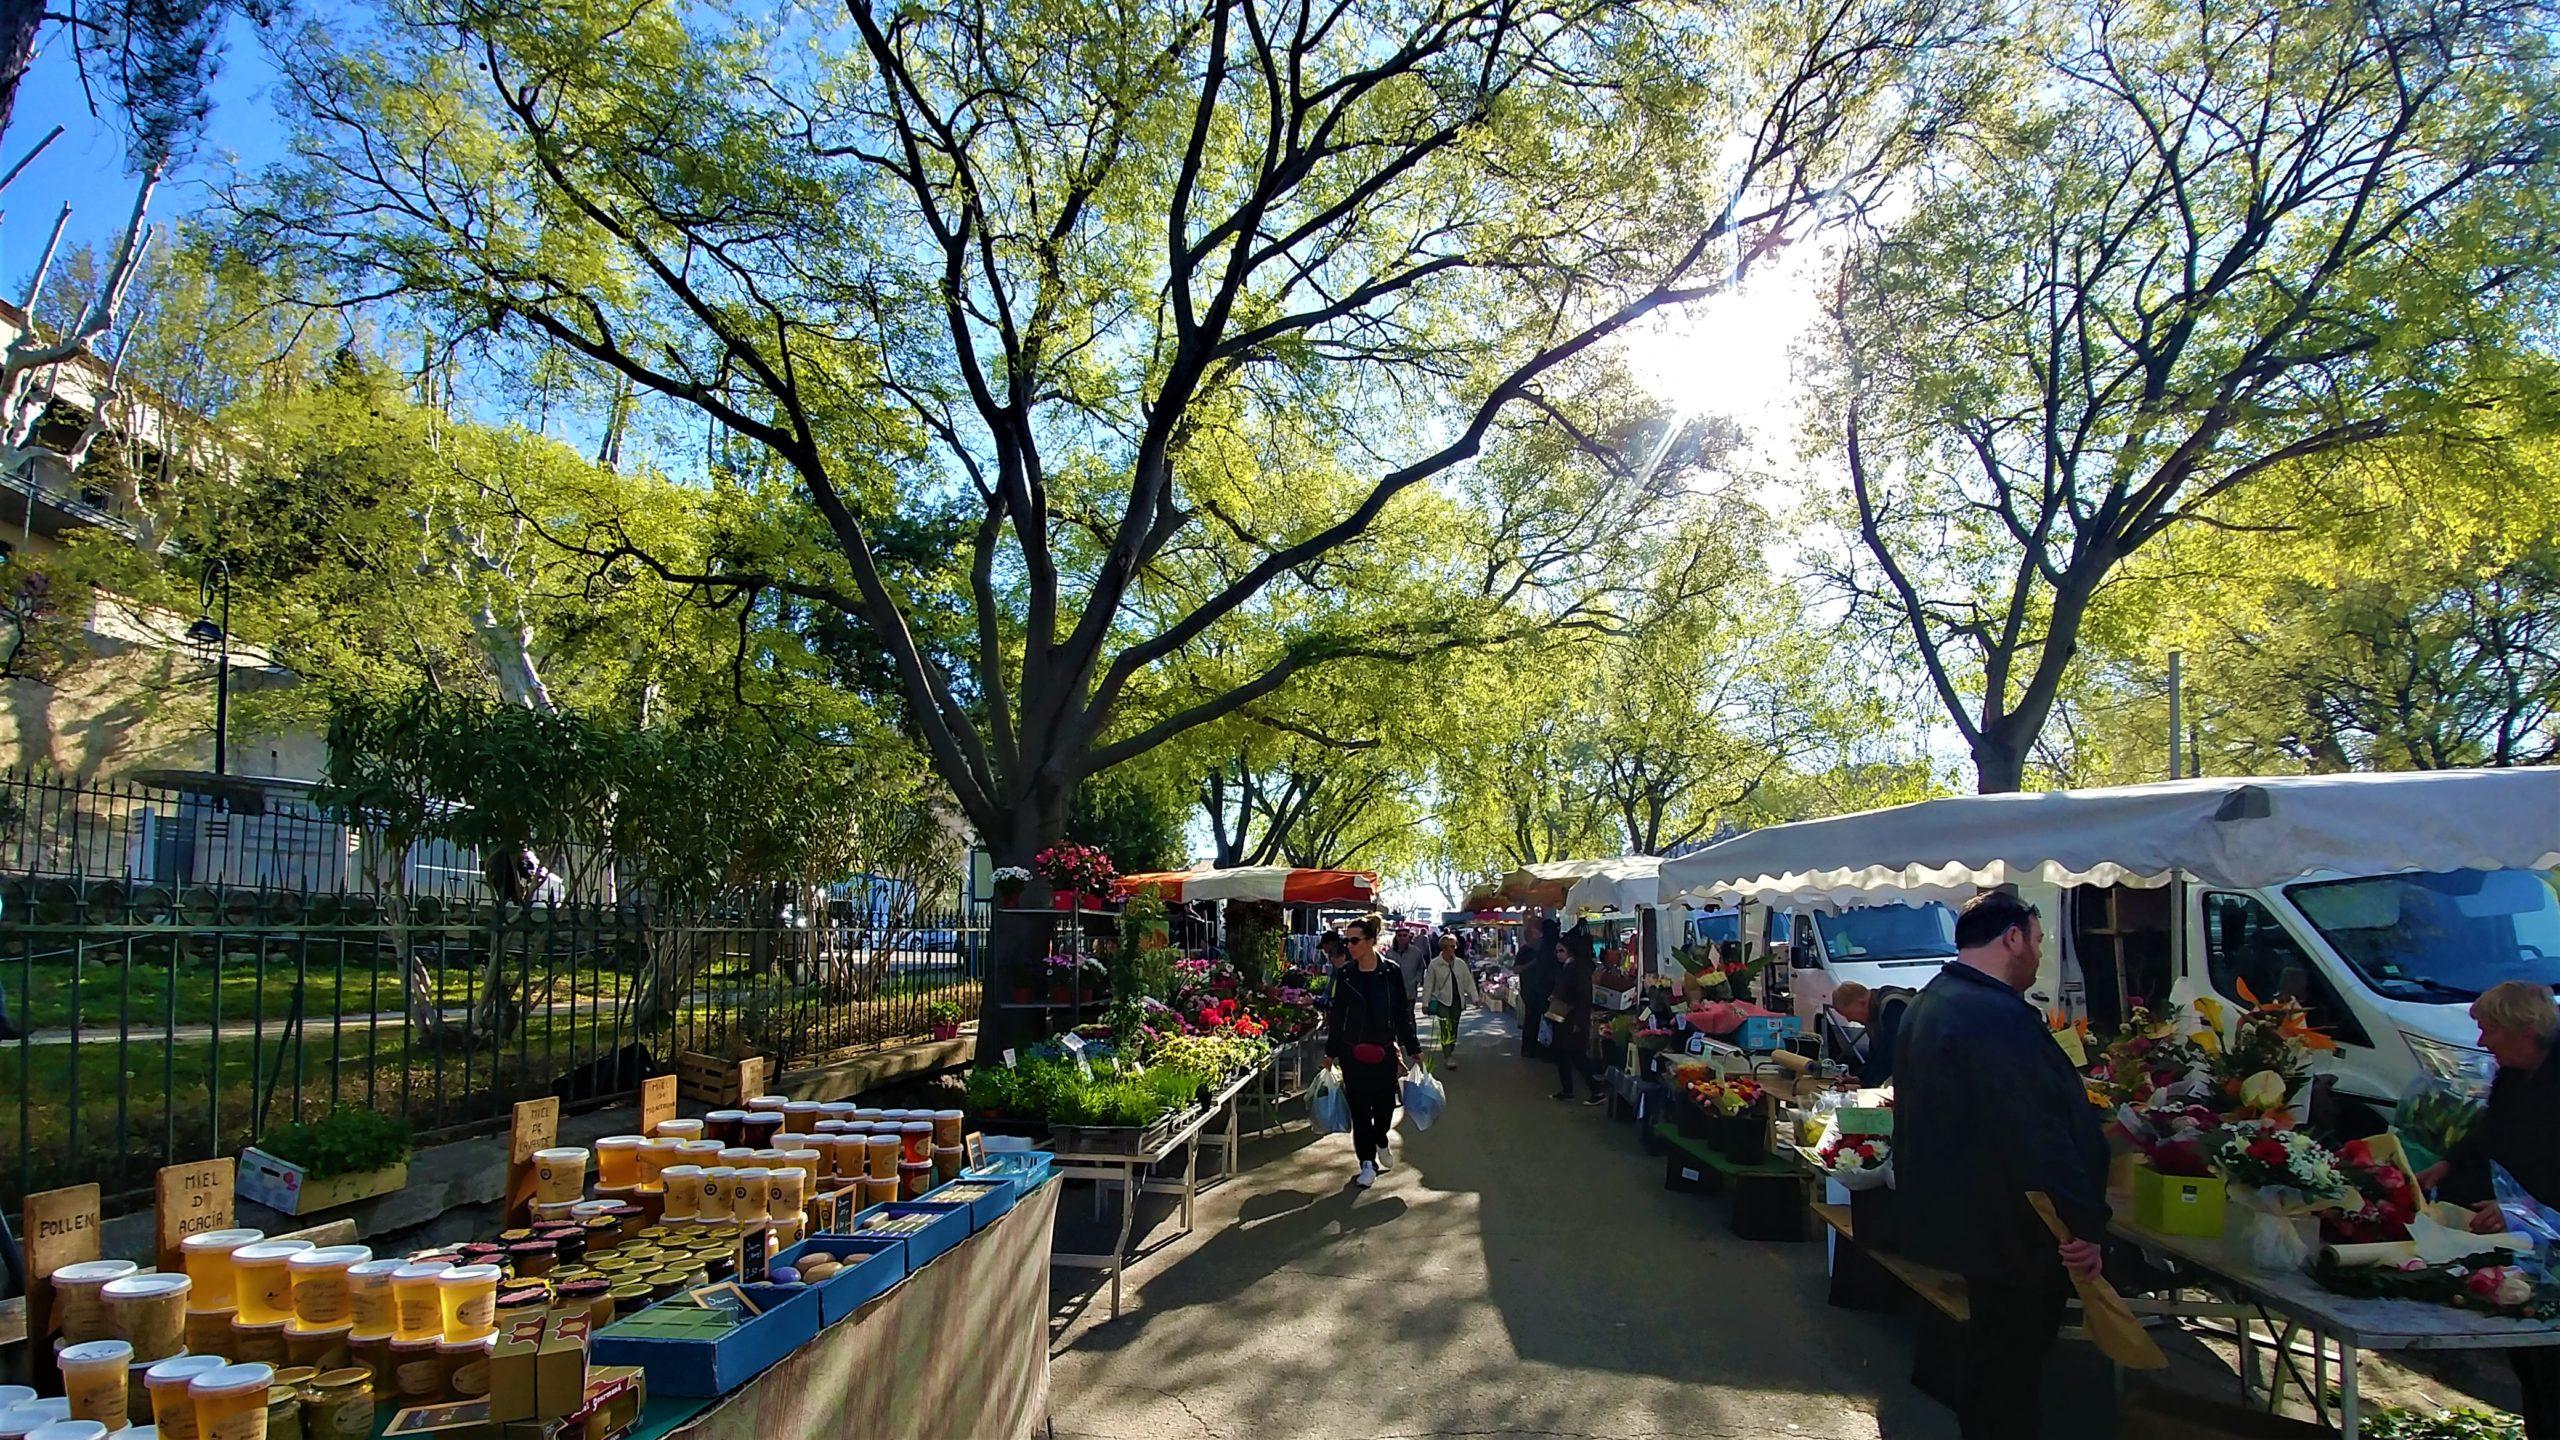 Arles marché infos pratiques blog voyage Provence arpenter le chemin